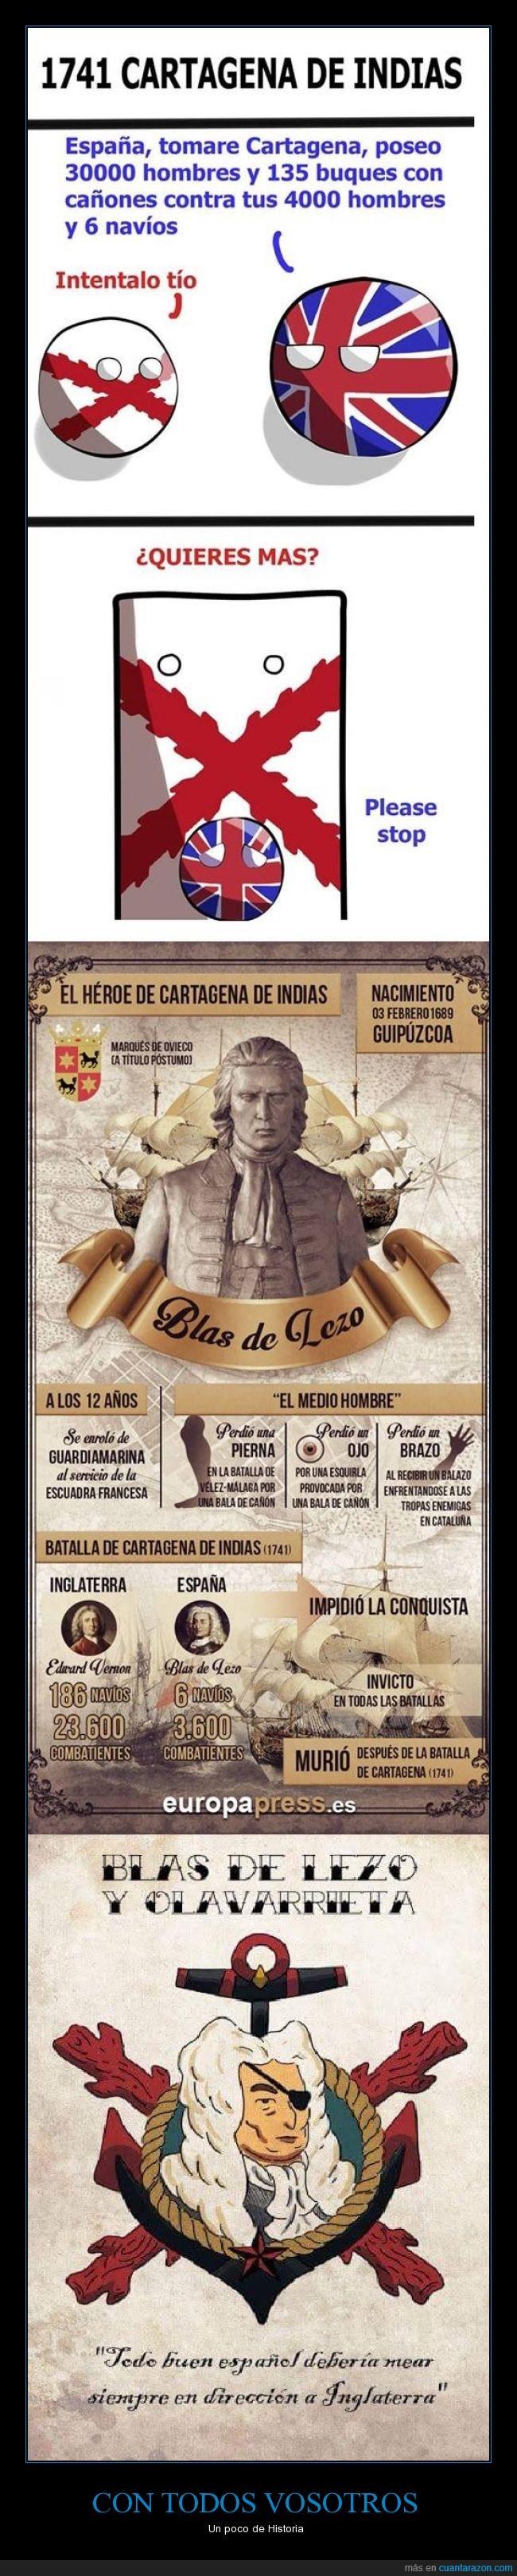 Blas de Lezo,Cartagena de Indias,combatir,ejercito,España. Edward Vernon,historia,Inglaterra,salvar,soldado